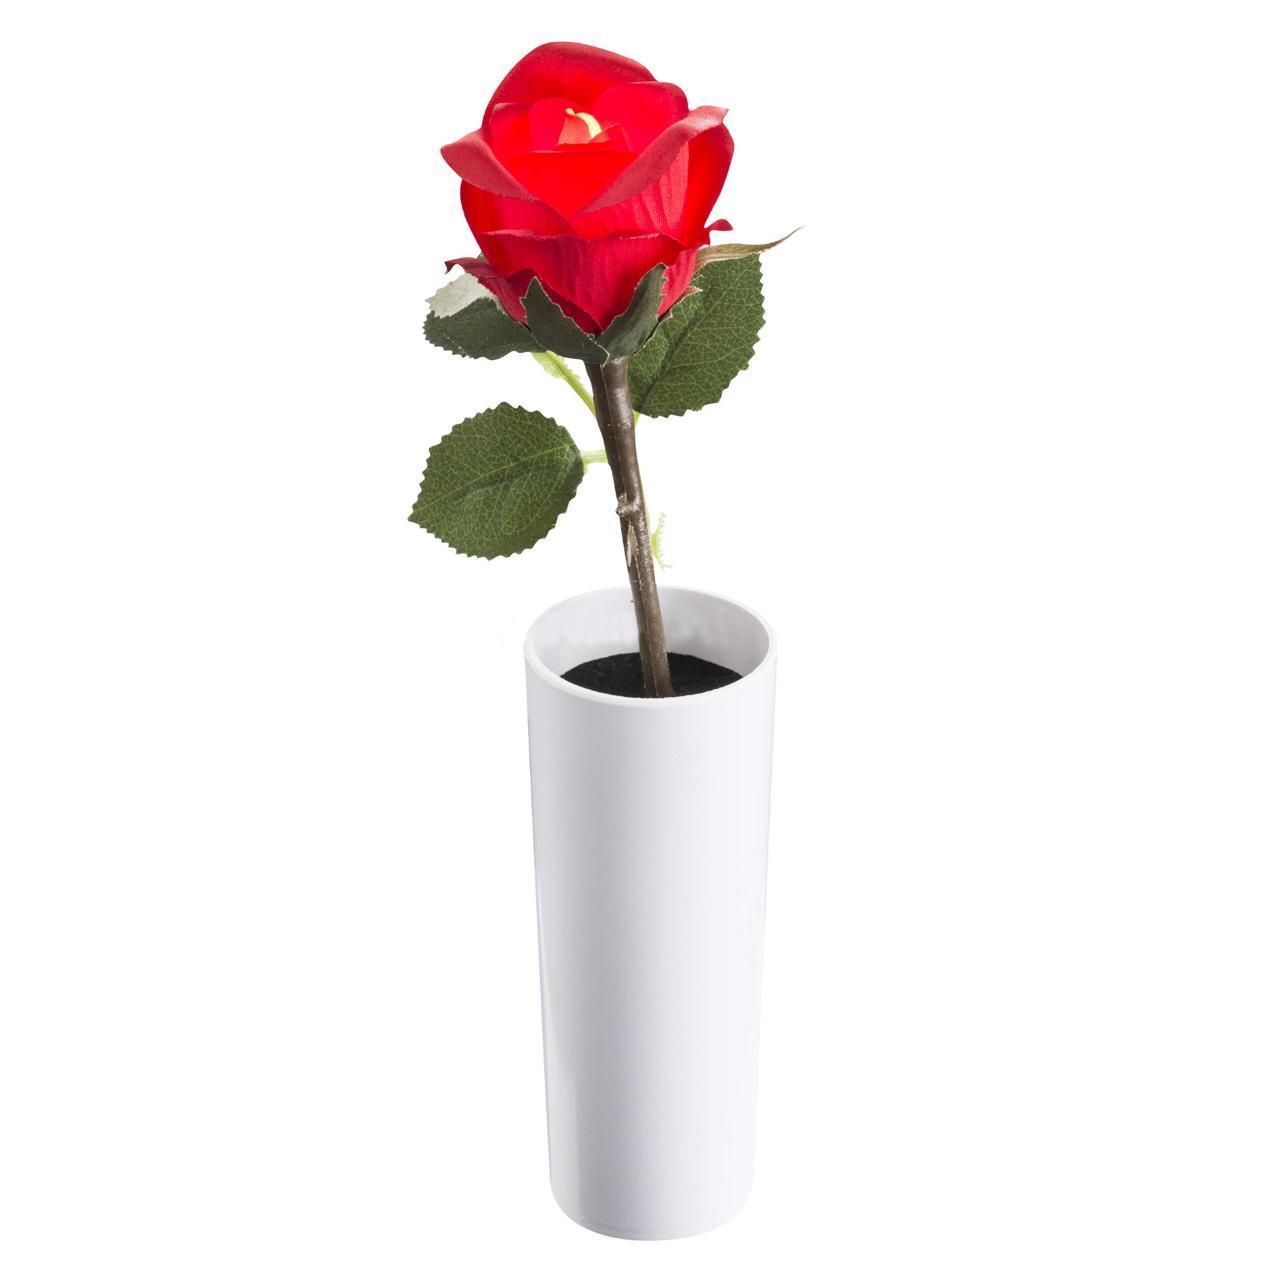 Настольная лампа декоративная Роза с малым бутоном Globo Orphelia 28025 globo настольная лампа globo orphelia 28024 page 8